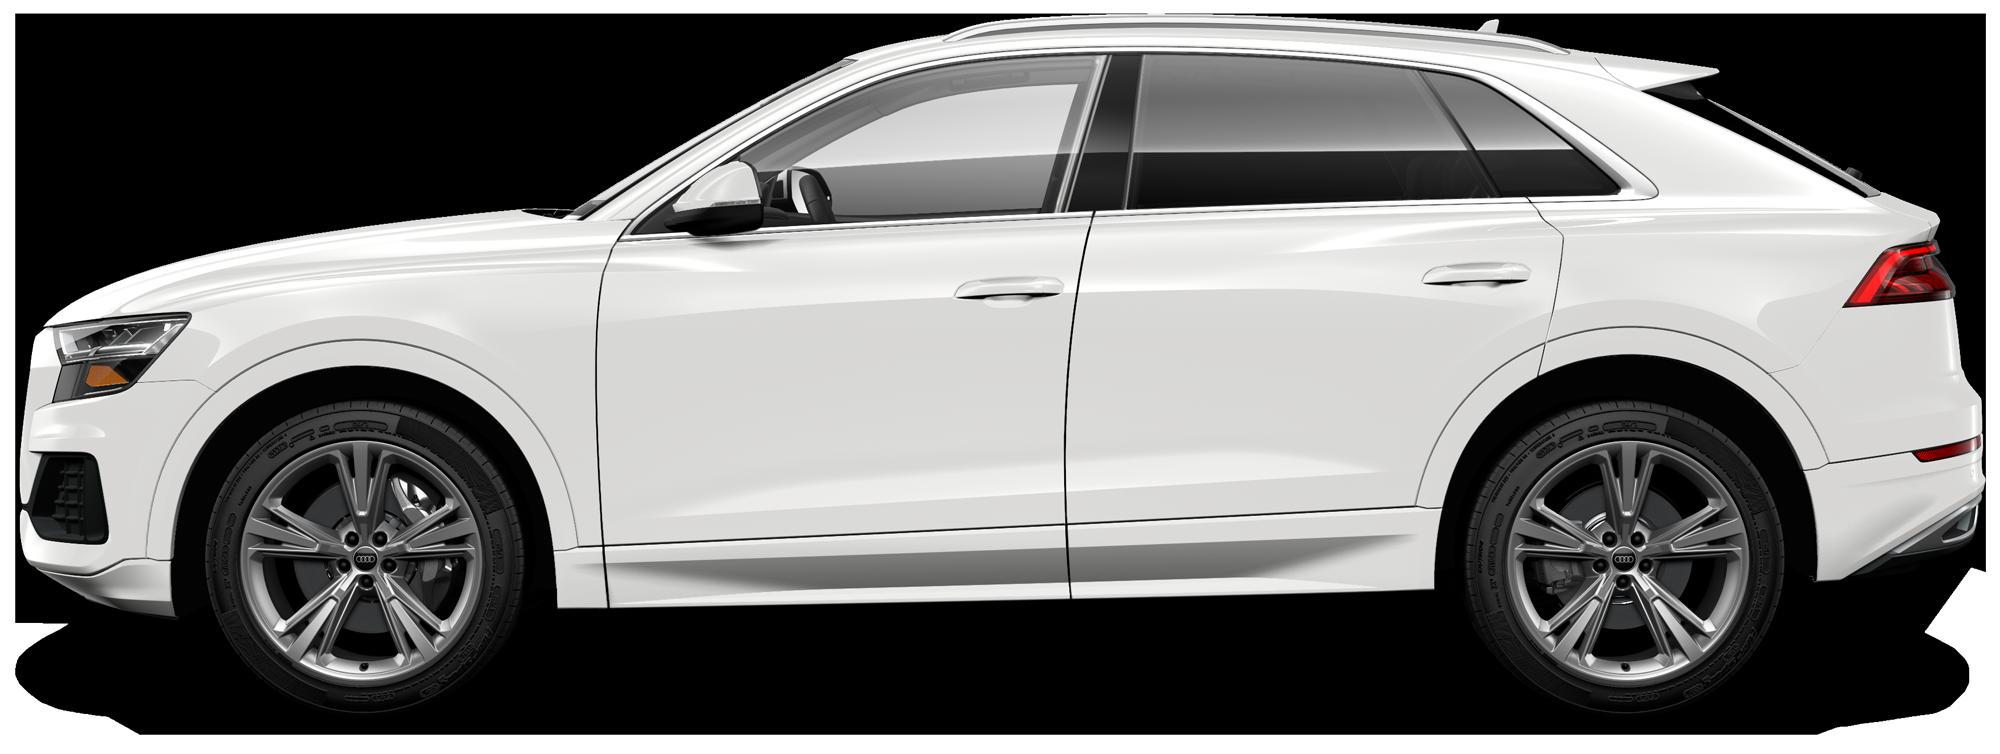 2022 Audi Q8 SUV 55 Premium